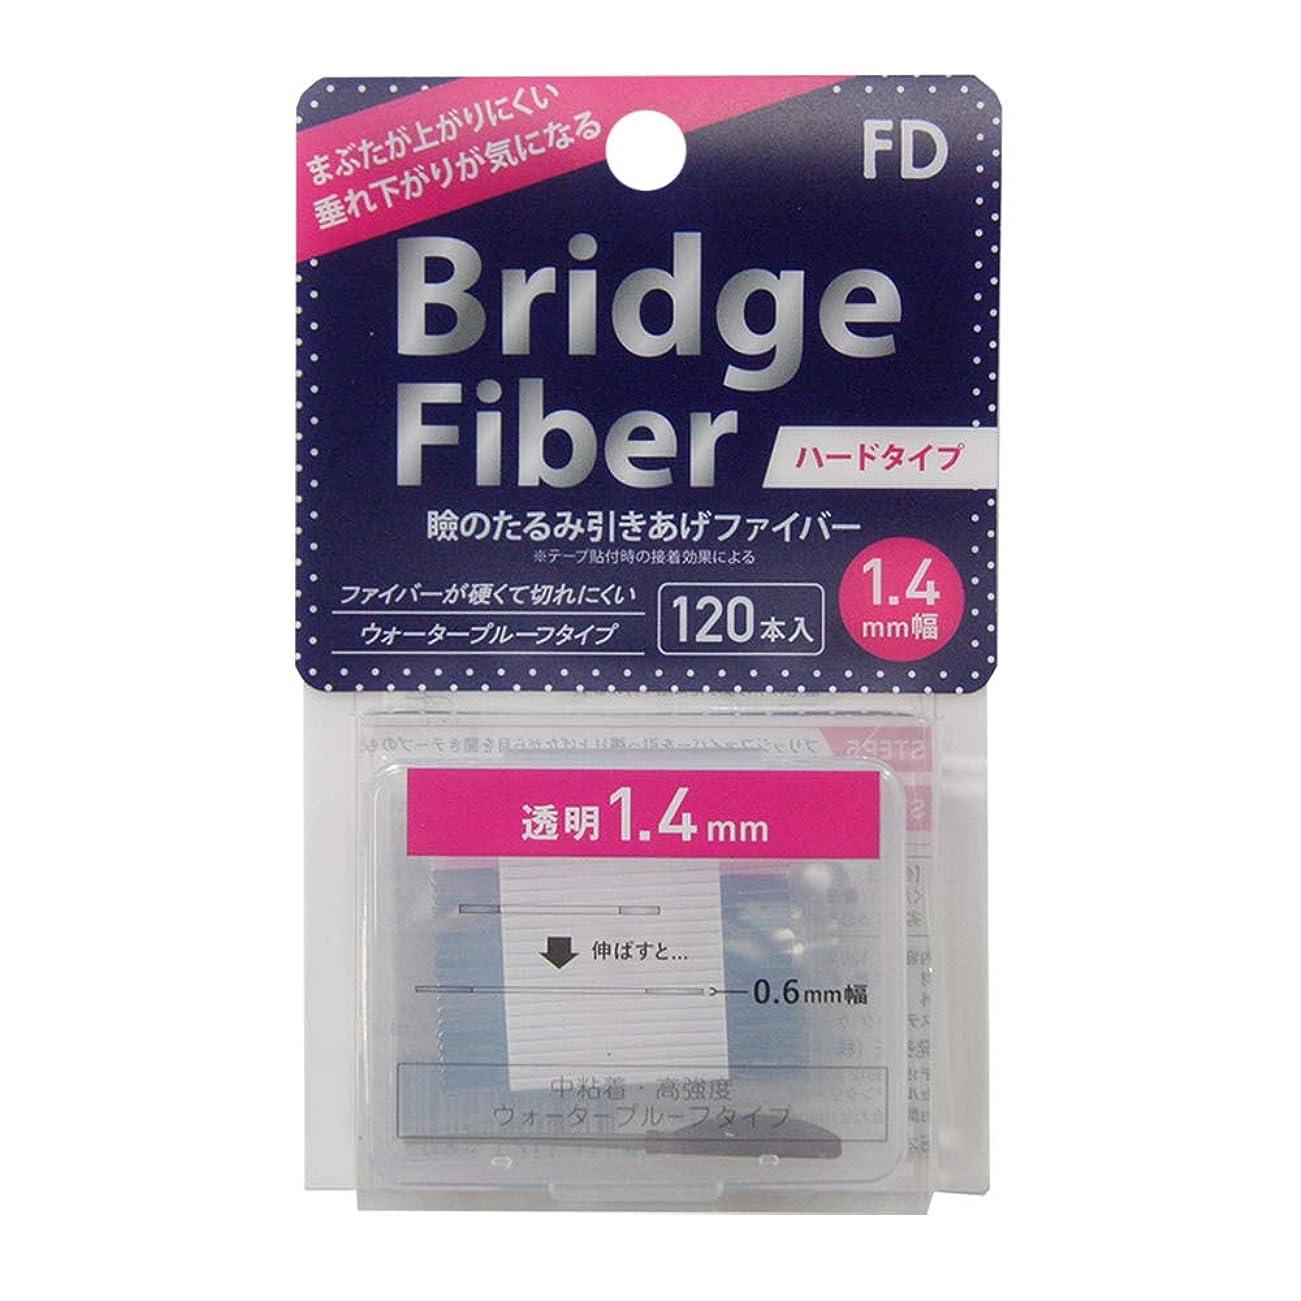 介入する製油所アイロニーFD ブリッジハードファイバー 眼瞼下垂防止テープ ハードタイプ 透明1.4mm幅 120本入り